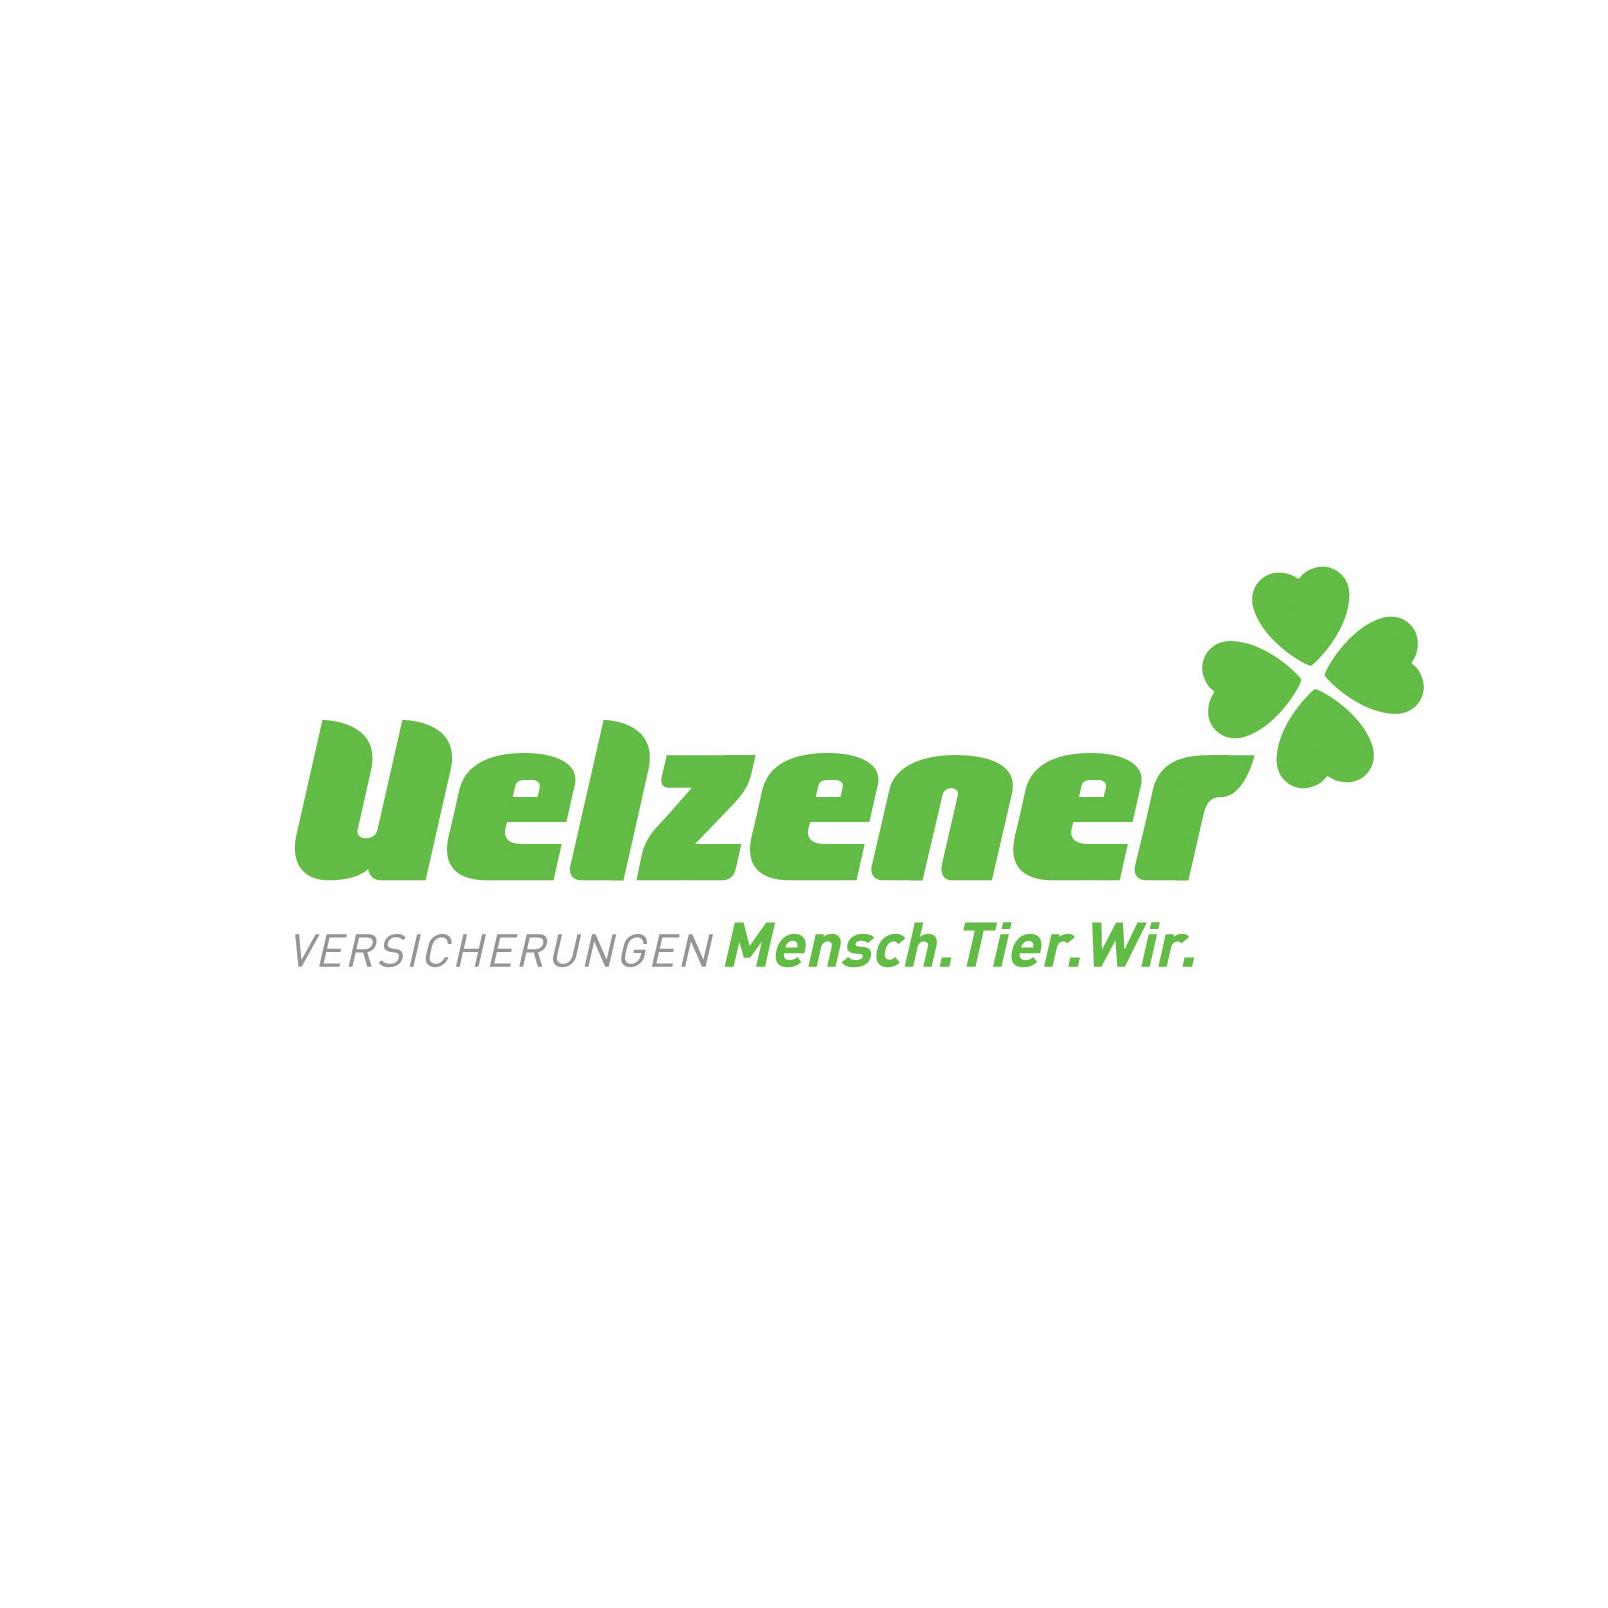 Uelzener_20141218.jpg